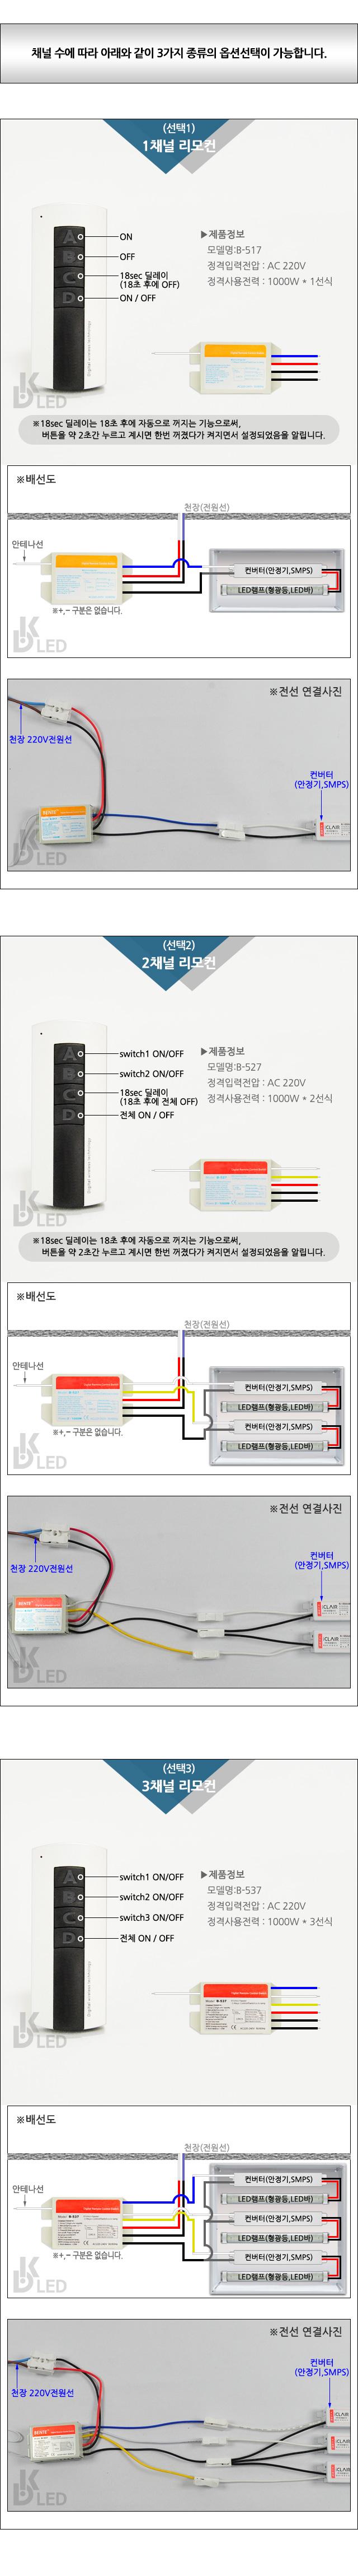 아파트거실등 조명스위치 무선 리모콘 벤트 3채널 DK-2691 대경엘이디